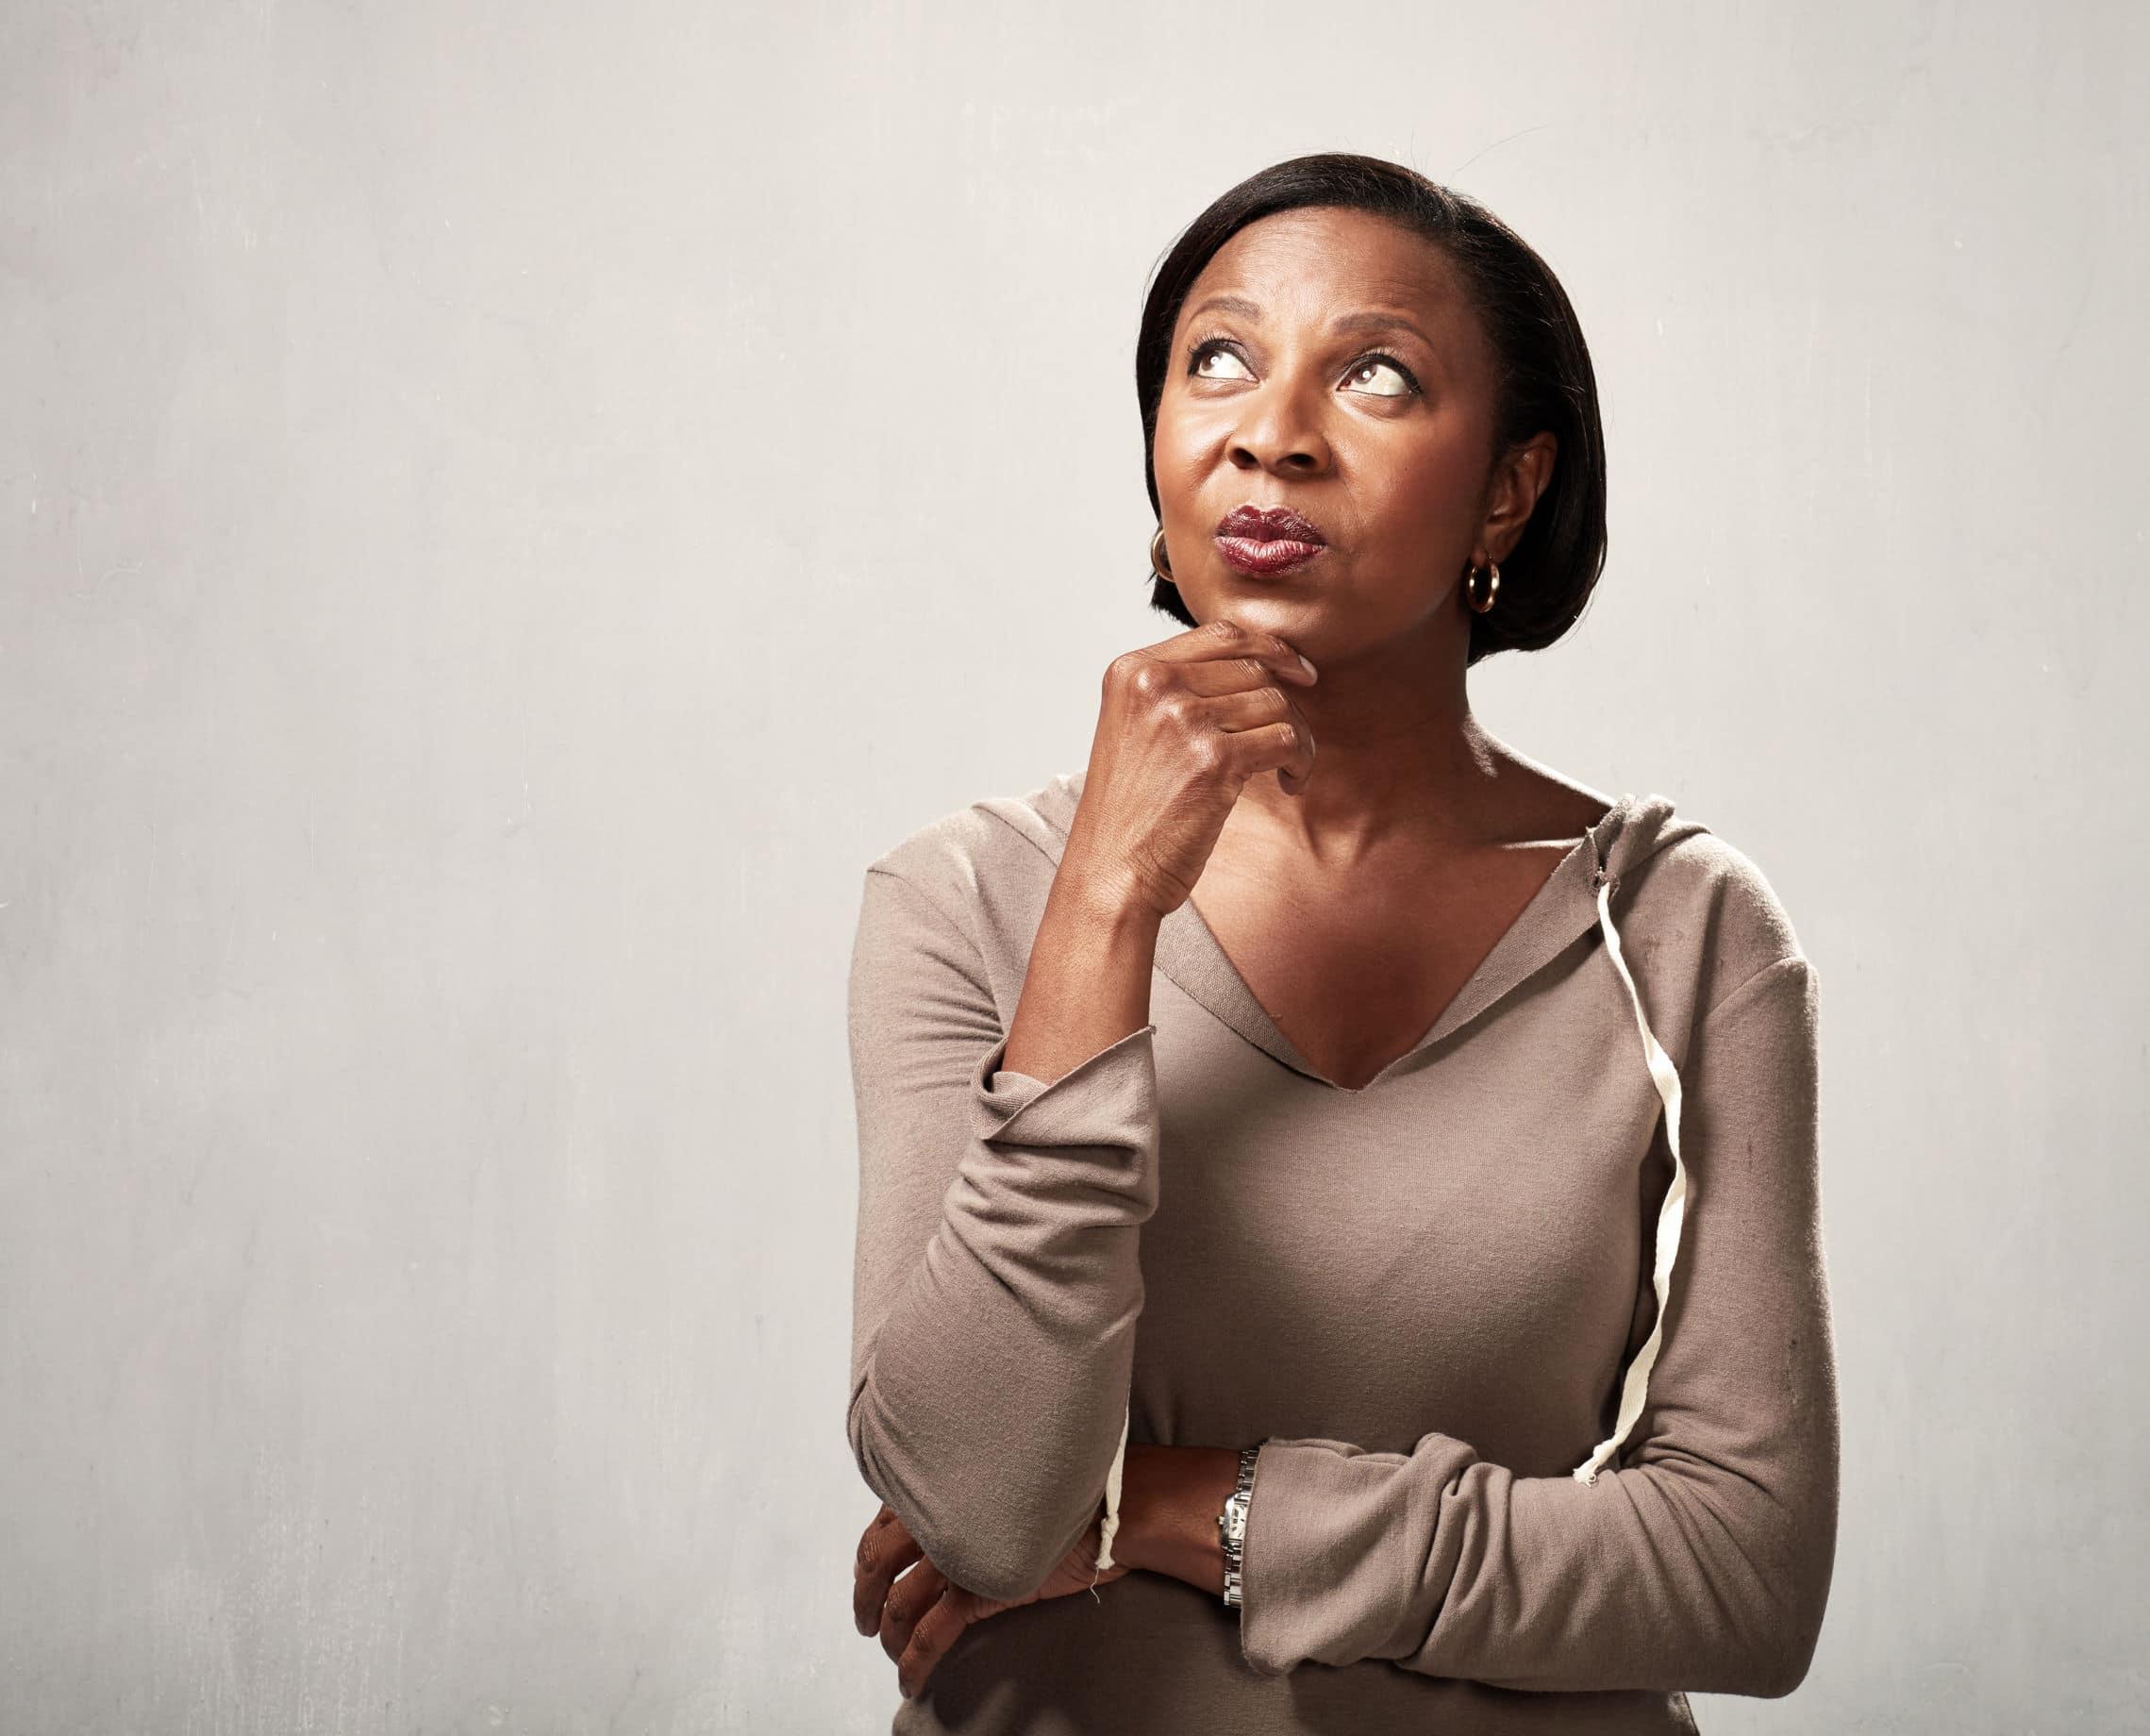 Mulher negra apoiando o rosto na mão com cara de dúvida em frente a um fundo branco.